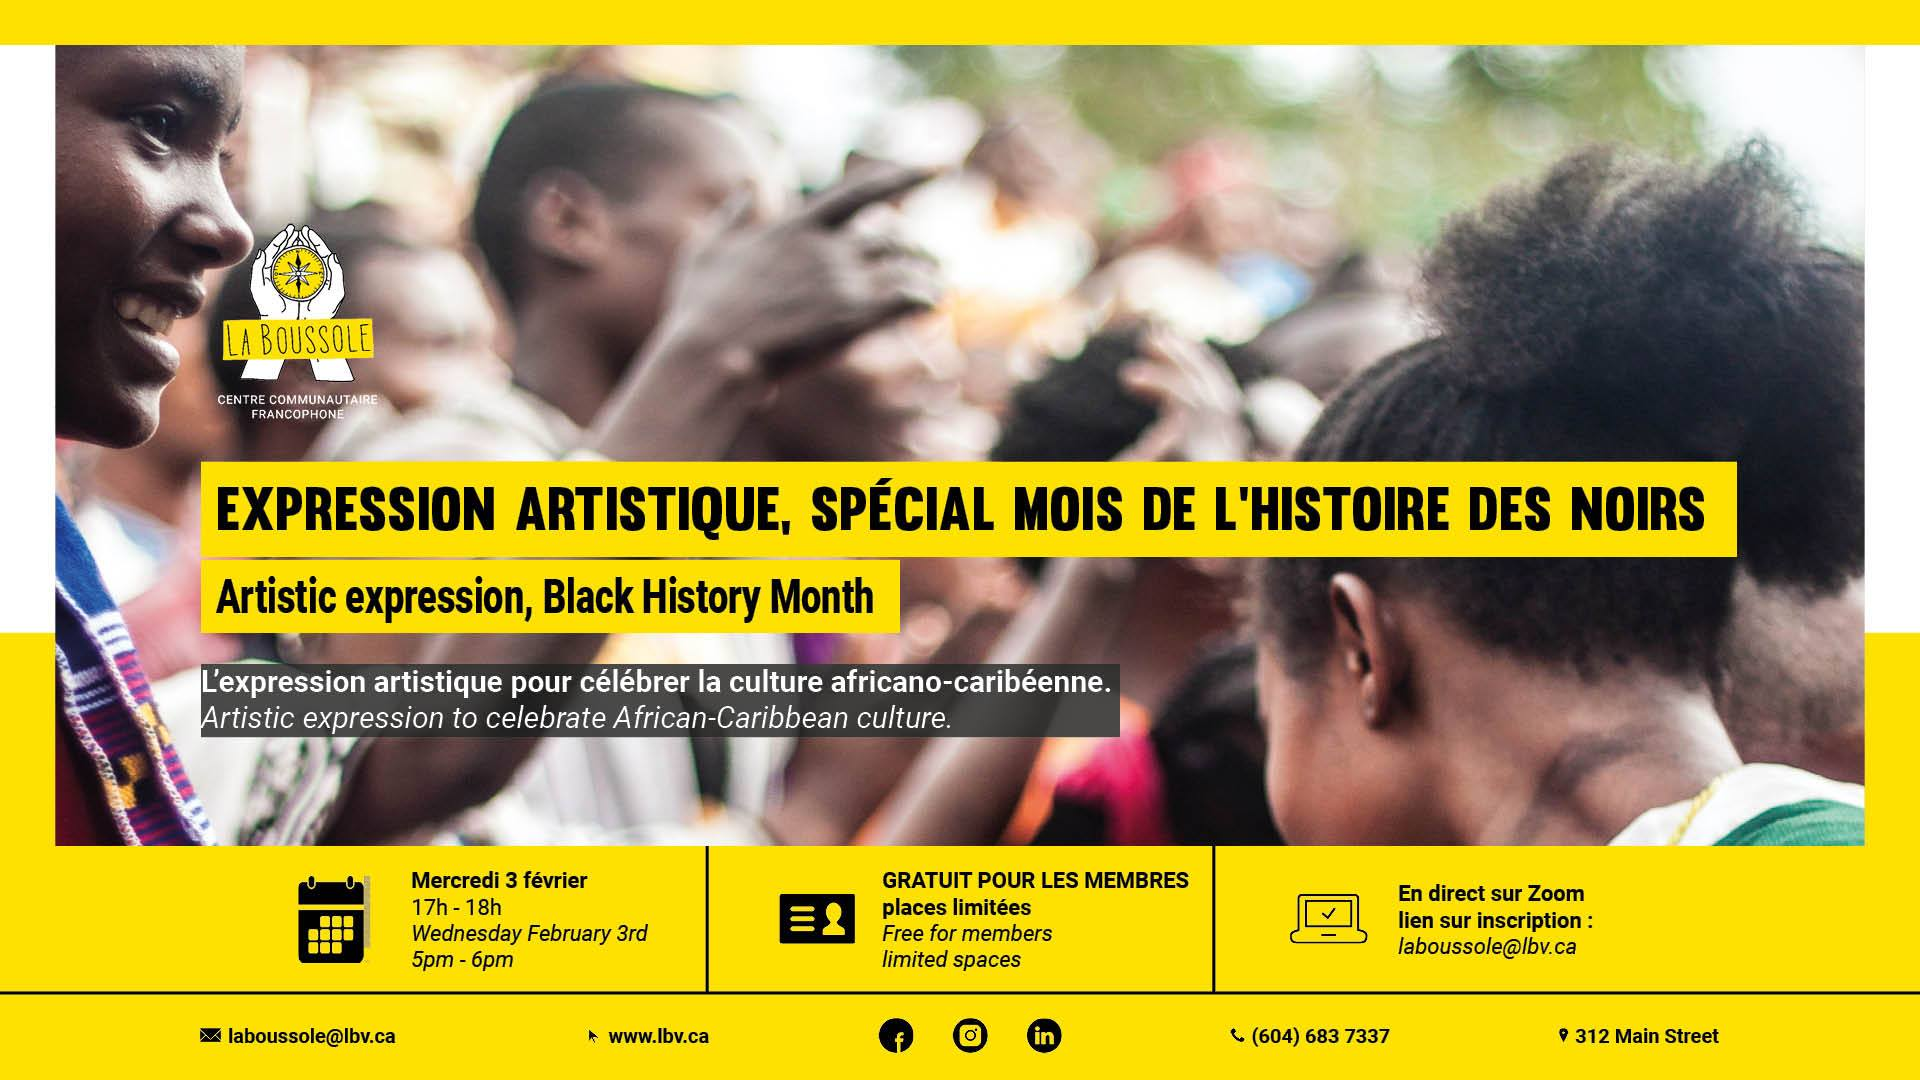 Mois de l'Histoire des Noir.es - expression artistique